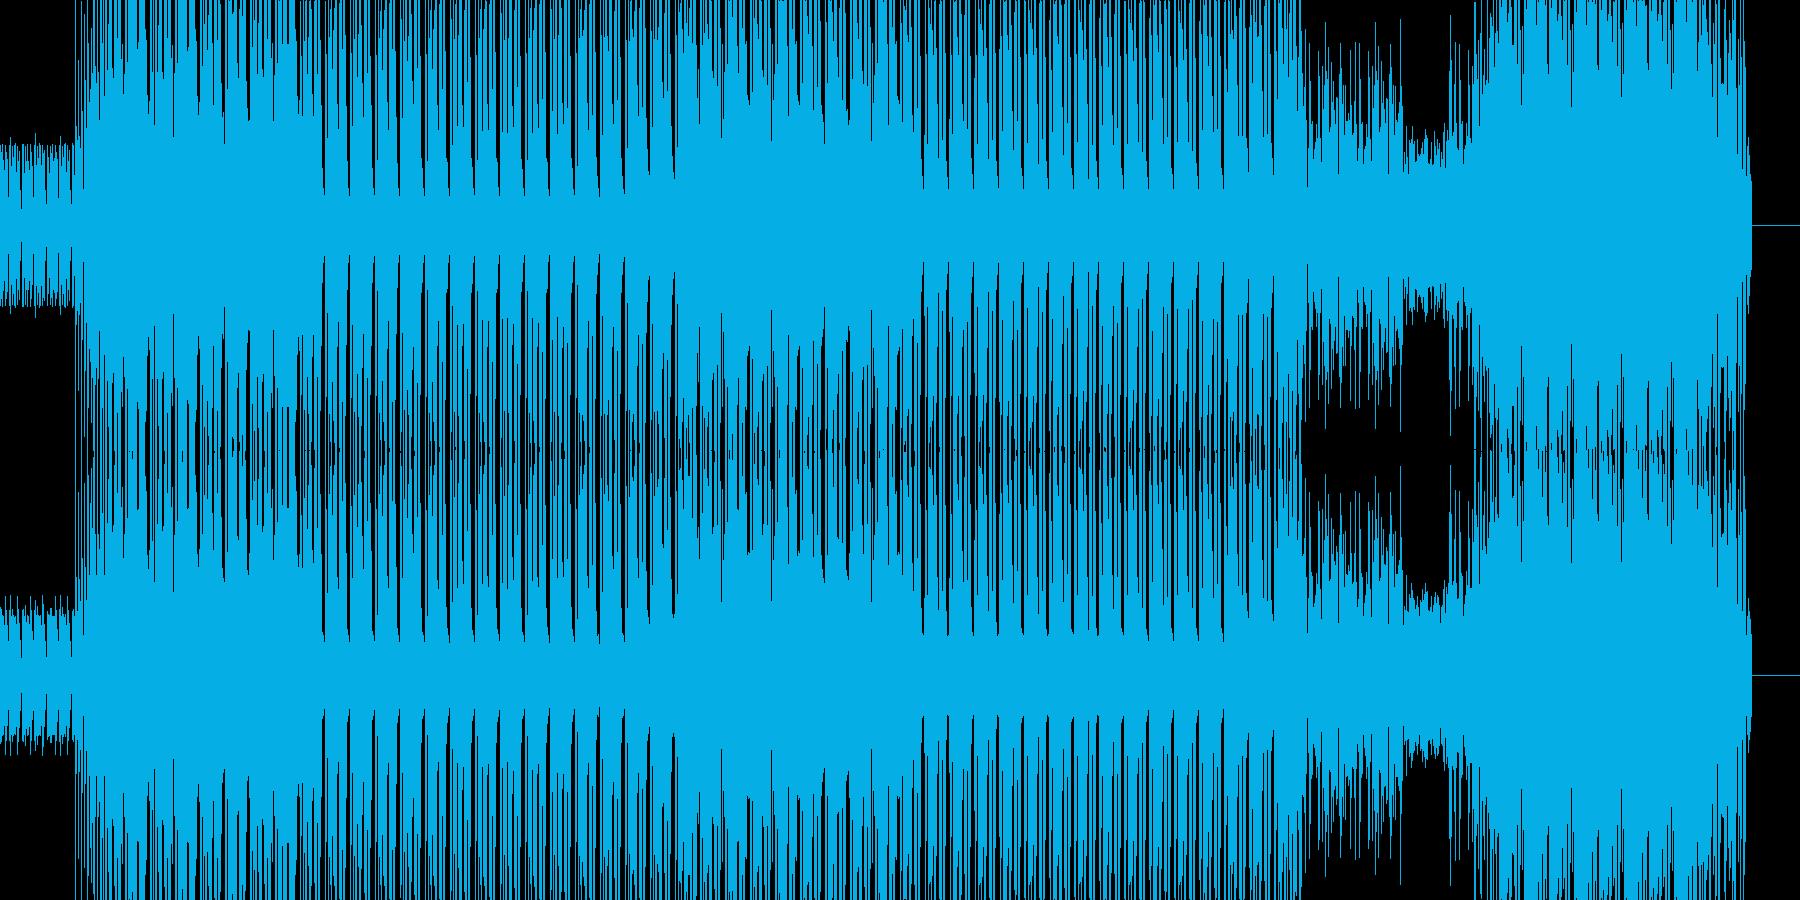 うるさいぐらいにかき鳴らしたジャズギタ…の再生済みの波形